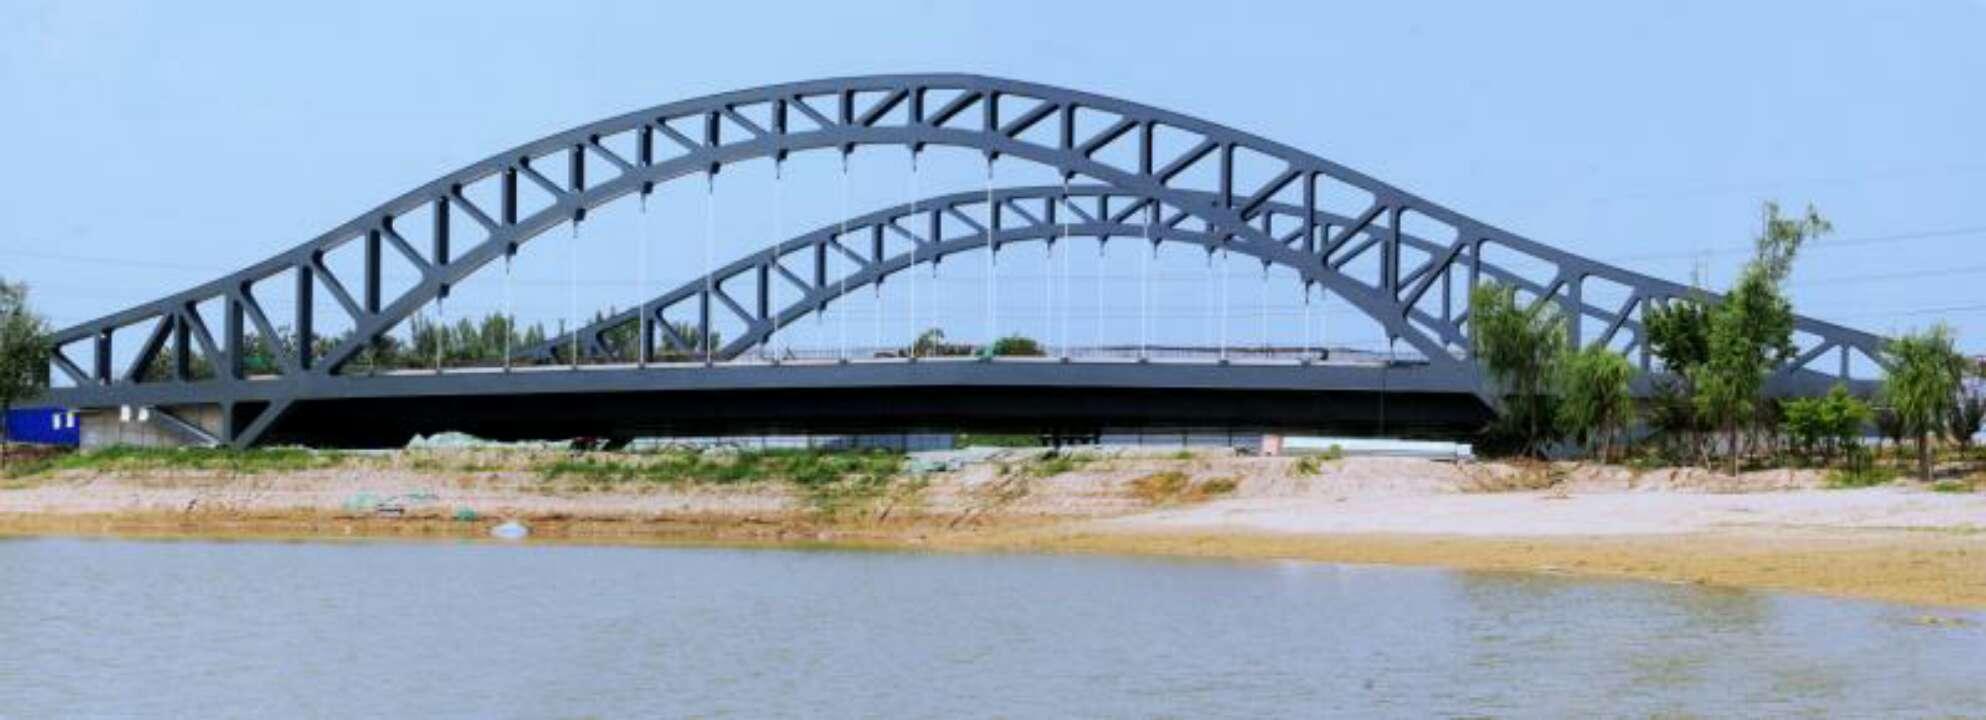 淄博高铁新城站东路桥主体工程完成